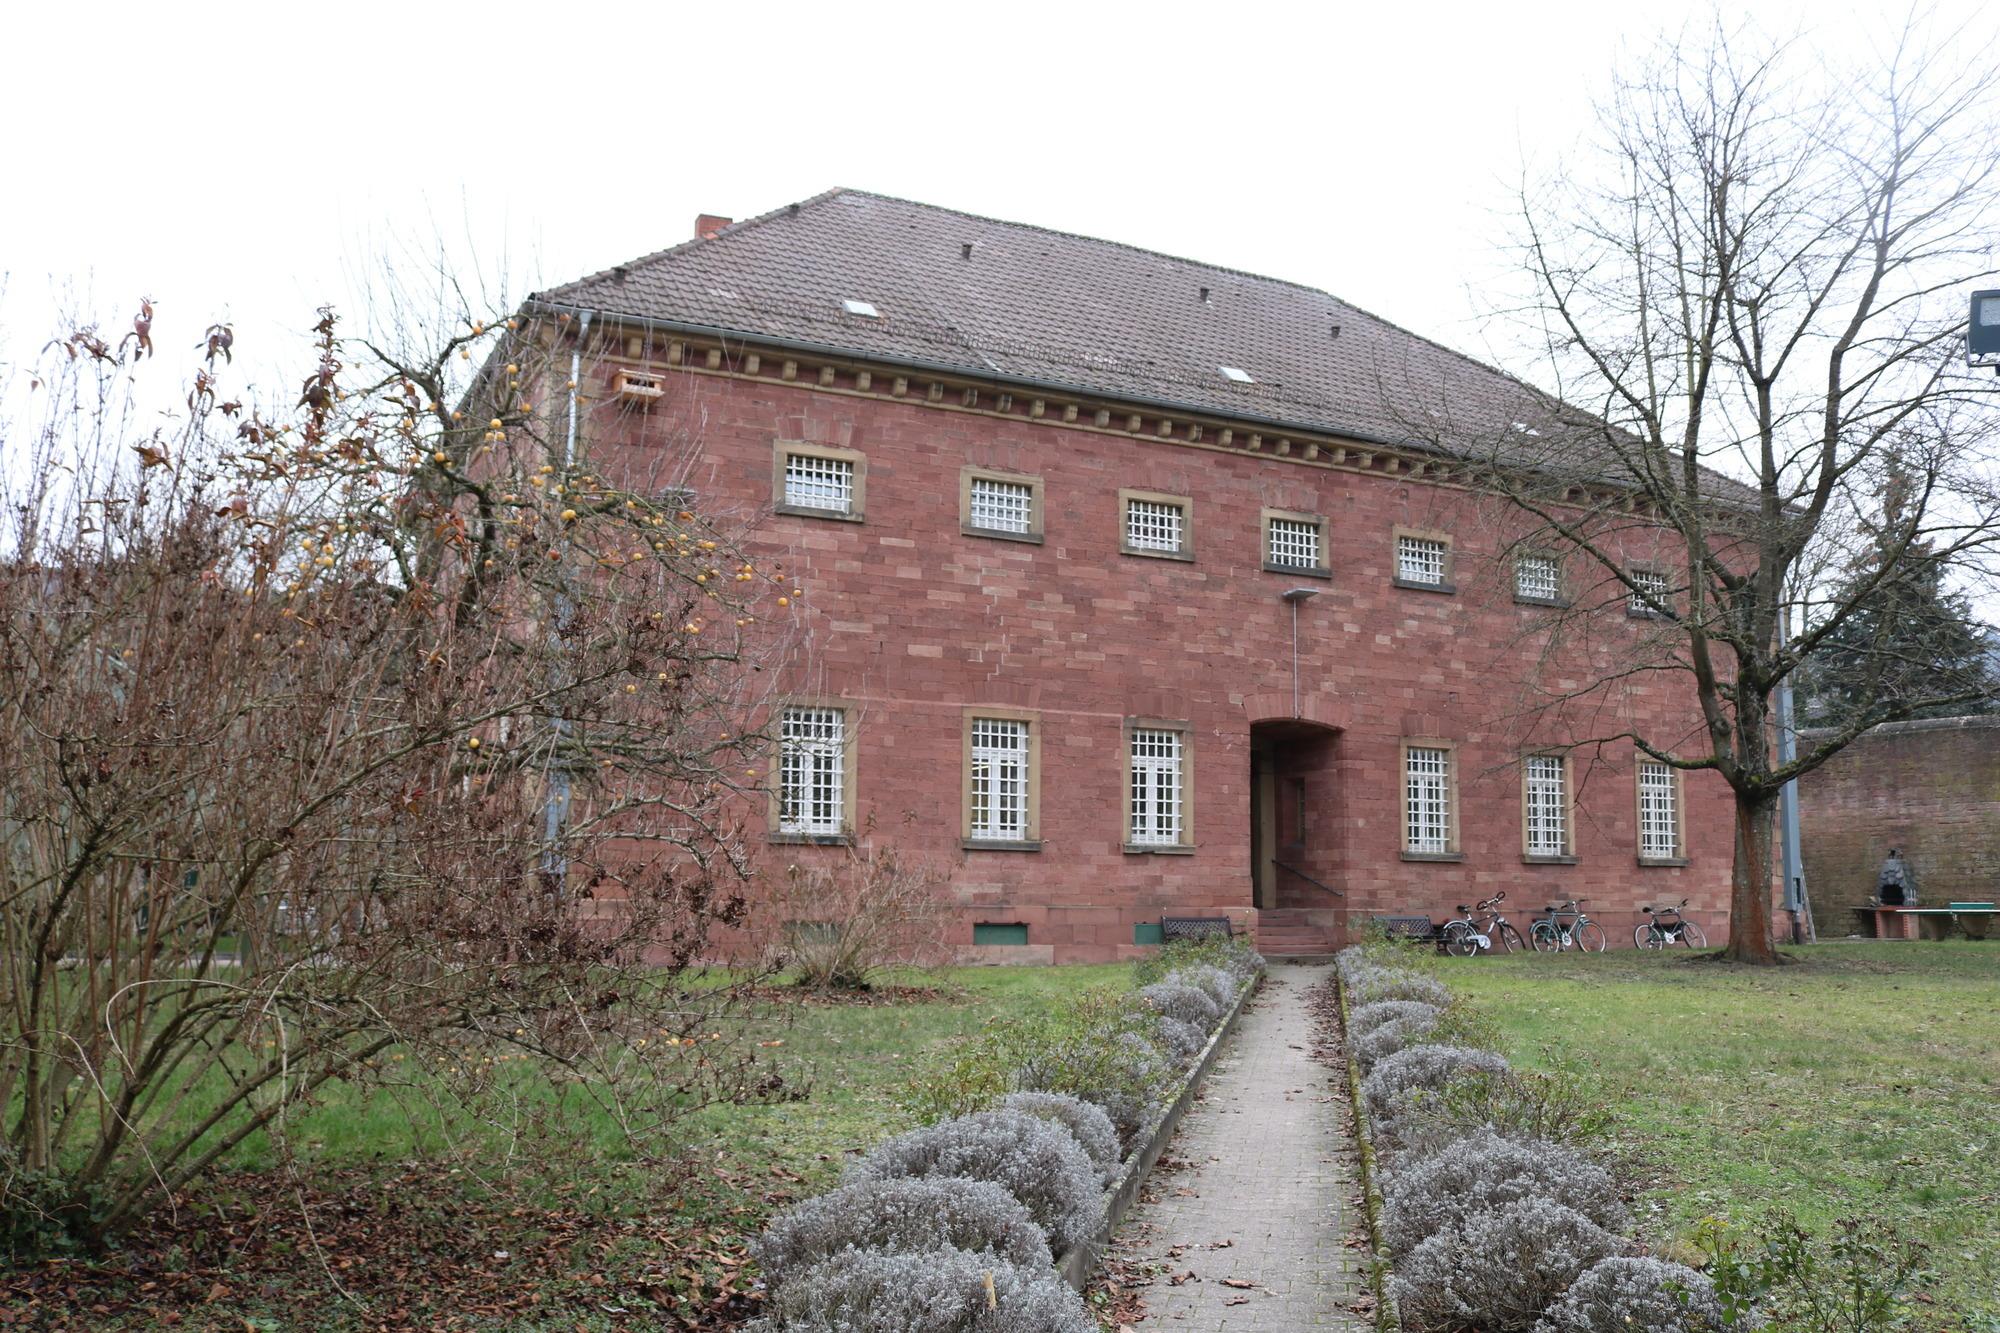 Das Freigängerheim in Mosbach ist derzeit das Zuhause von elf jungen Straftätern Morgens verlassen Jugendlichen Haftanstalt und gehen arbeiten